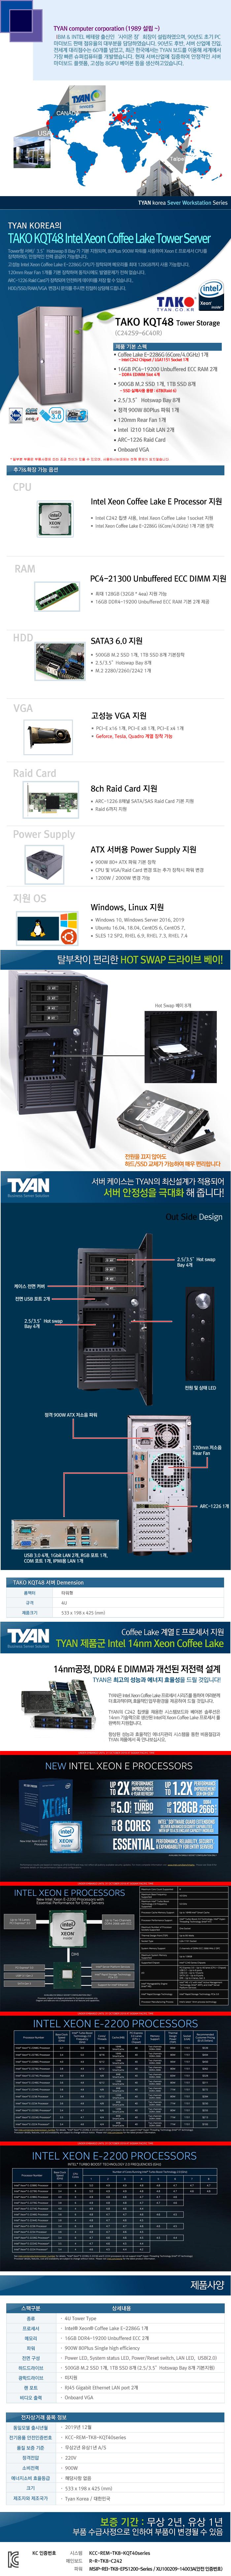 TYAN TAKO-KQT48-(C242S9-6C40R) (32GB, M2 500GB + SSD 6TB)